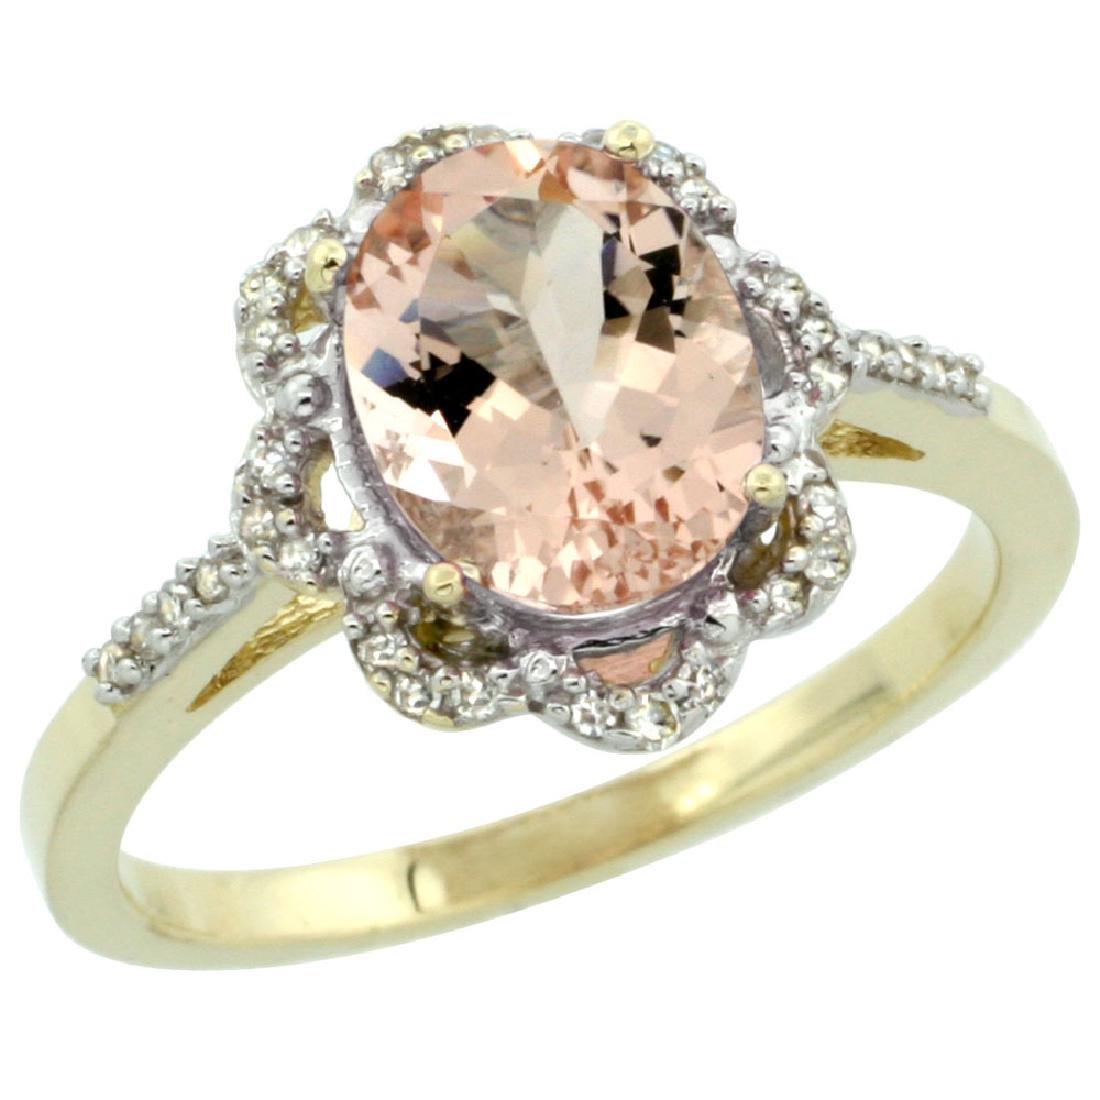 Natural 1.8 ctw Morganite & Diamond Engagement Ring 10K